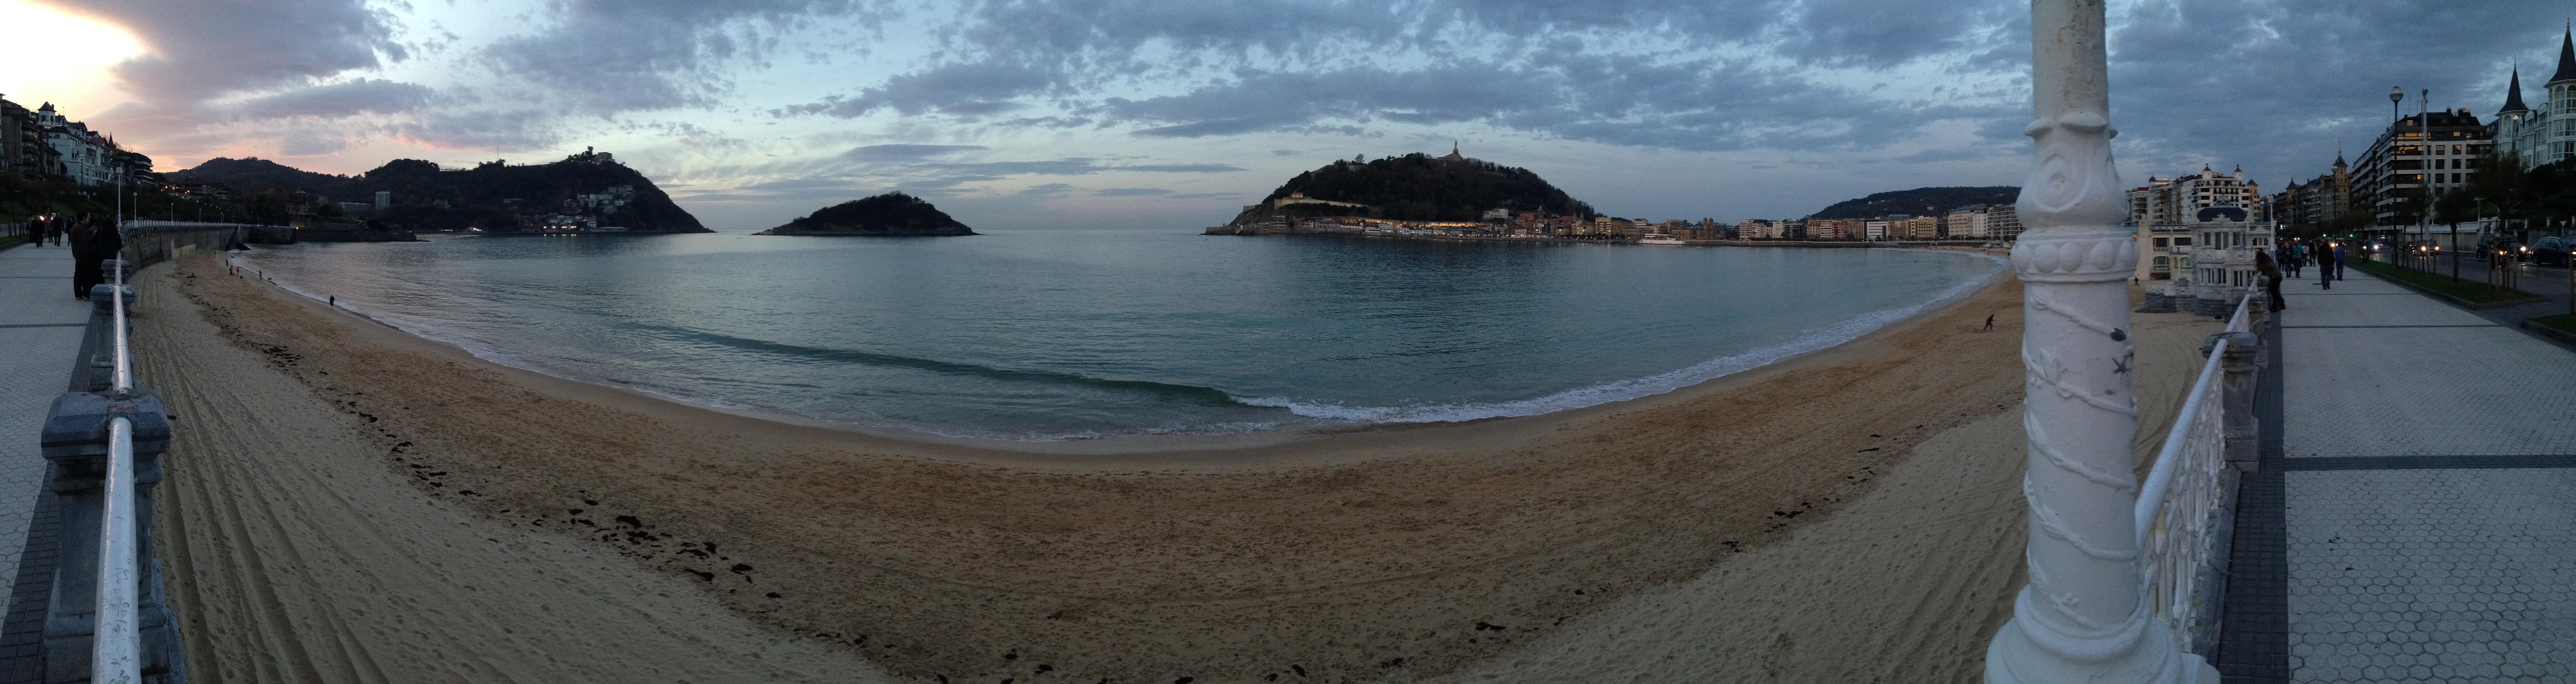 Panorama sur la plage de la Concha, San Sebastian